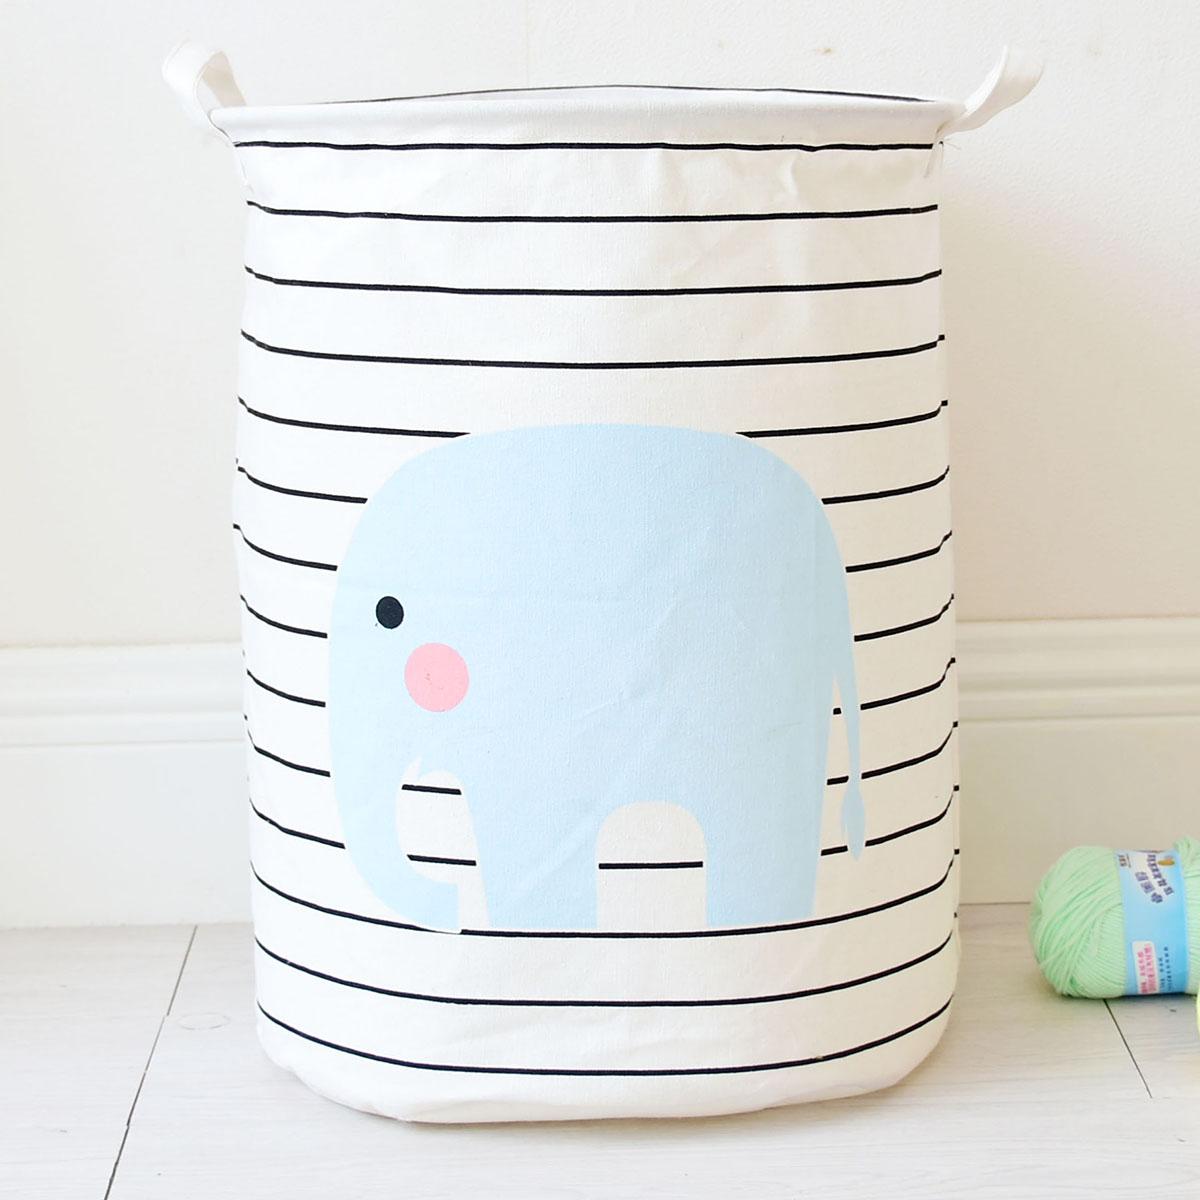 berni Корзина для игрушек Elephant, 30х45 см, Berni (44510)